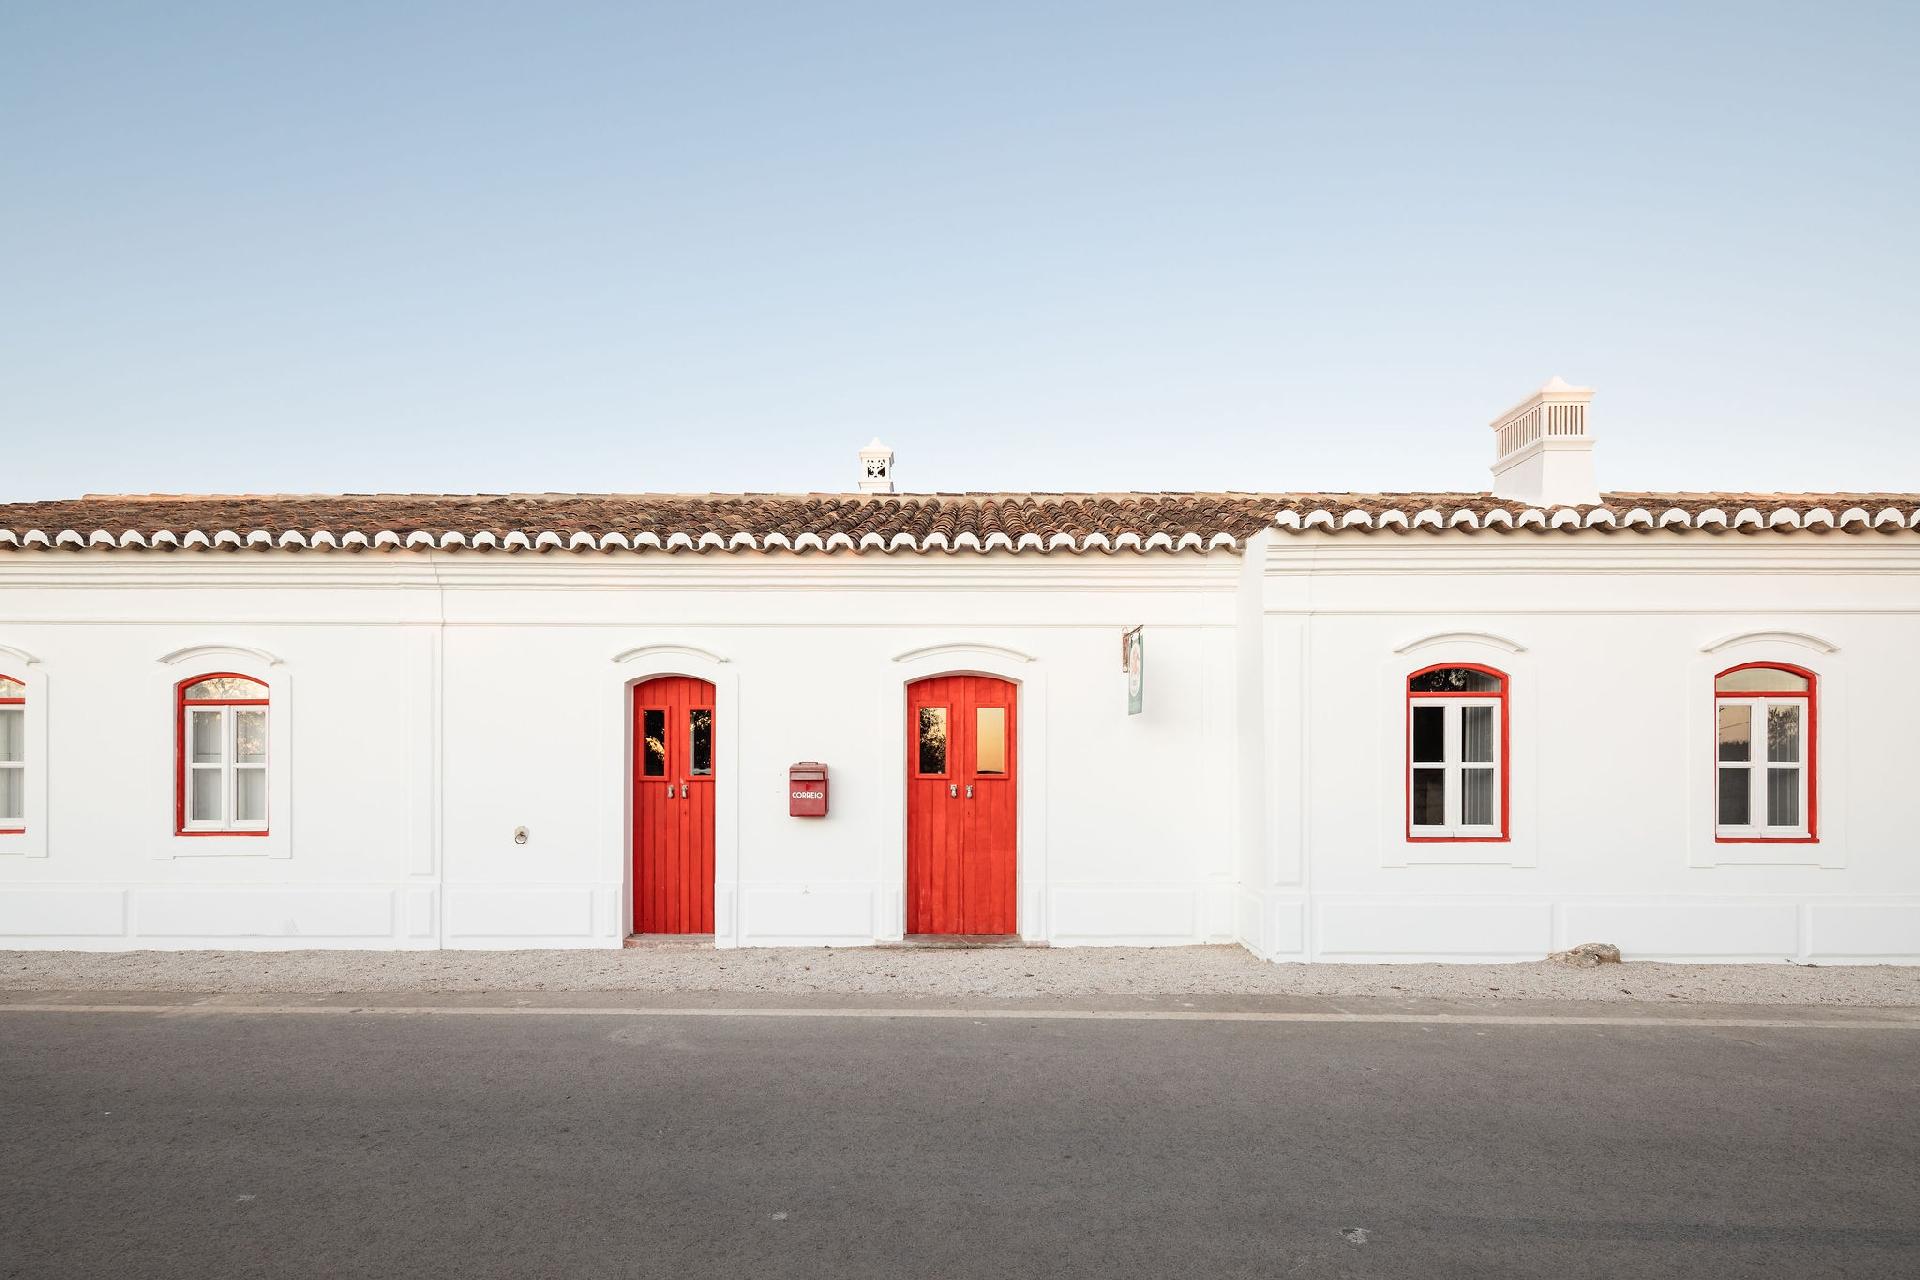 Atelier RUA: отель в 100-летней таверне в Португалии